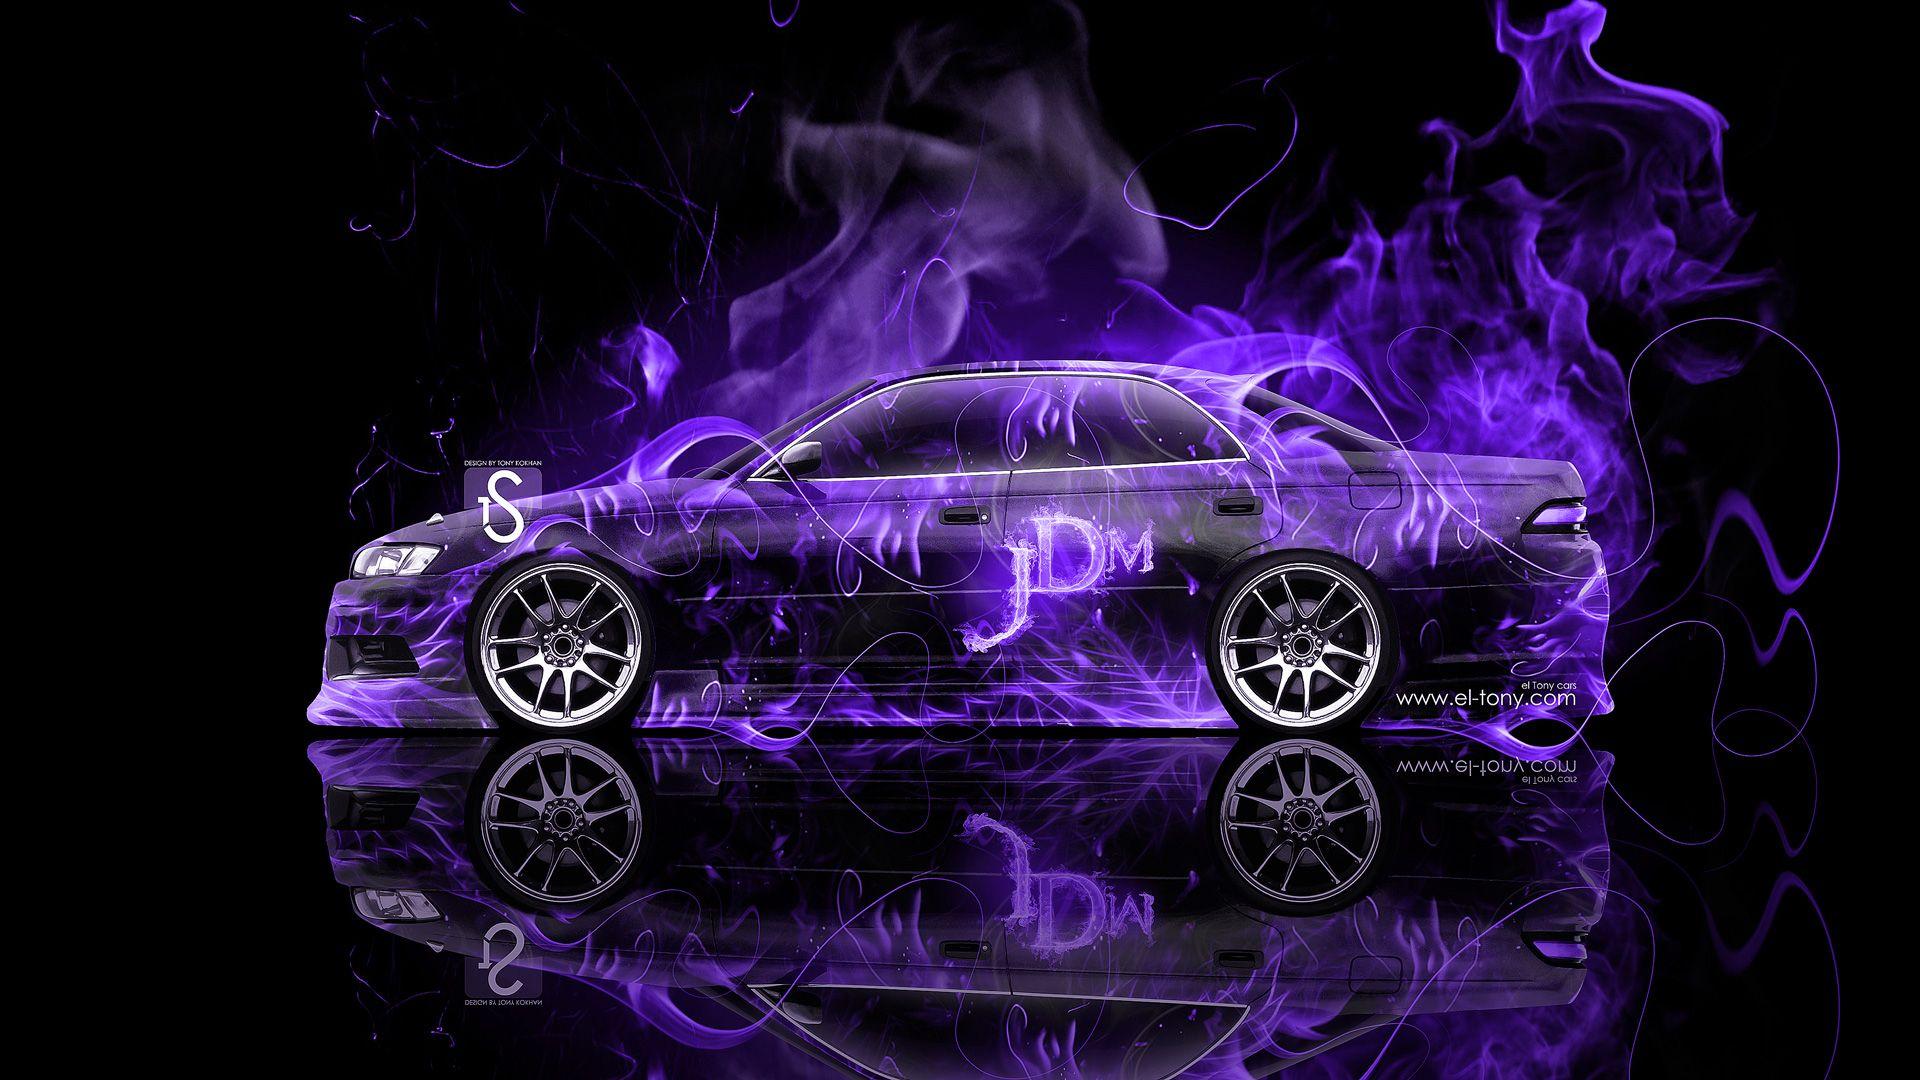 Beau 2014 DODGE CHARGER BLUE FIRE | VRROOOOMM!! | Pinterest | Skull Wallpaper,  2014 Dodge Charger And Dodge Charger